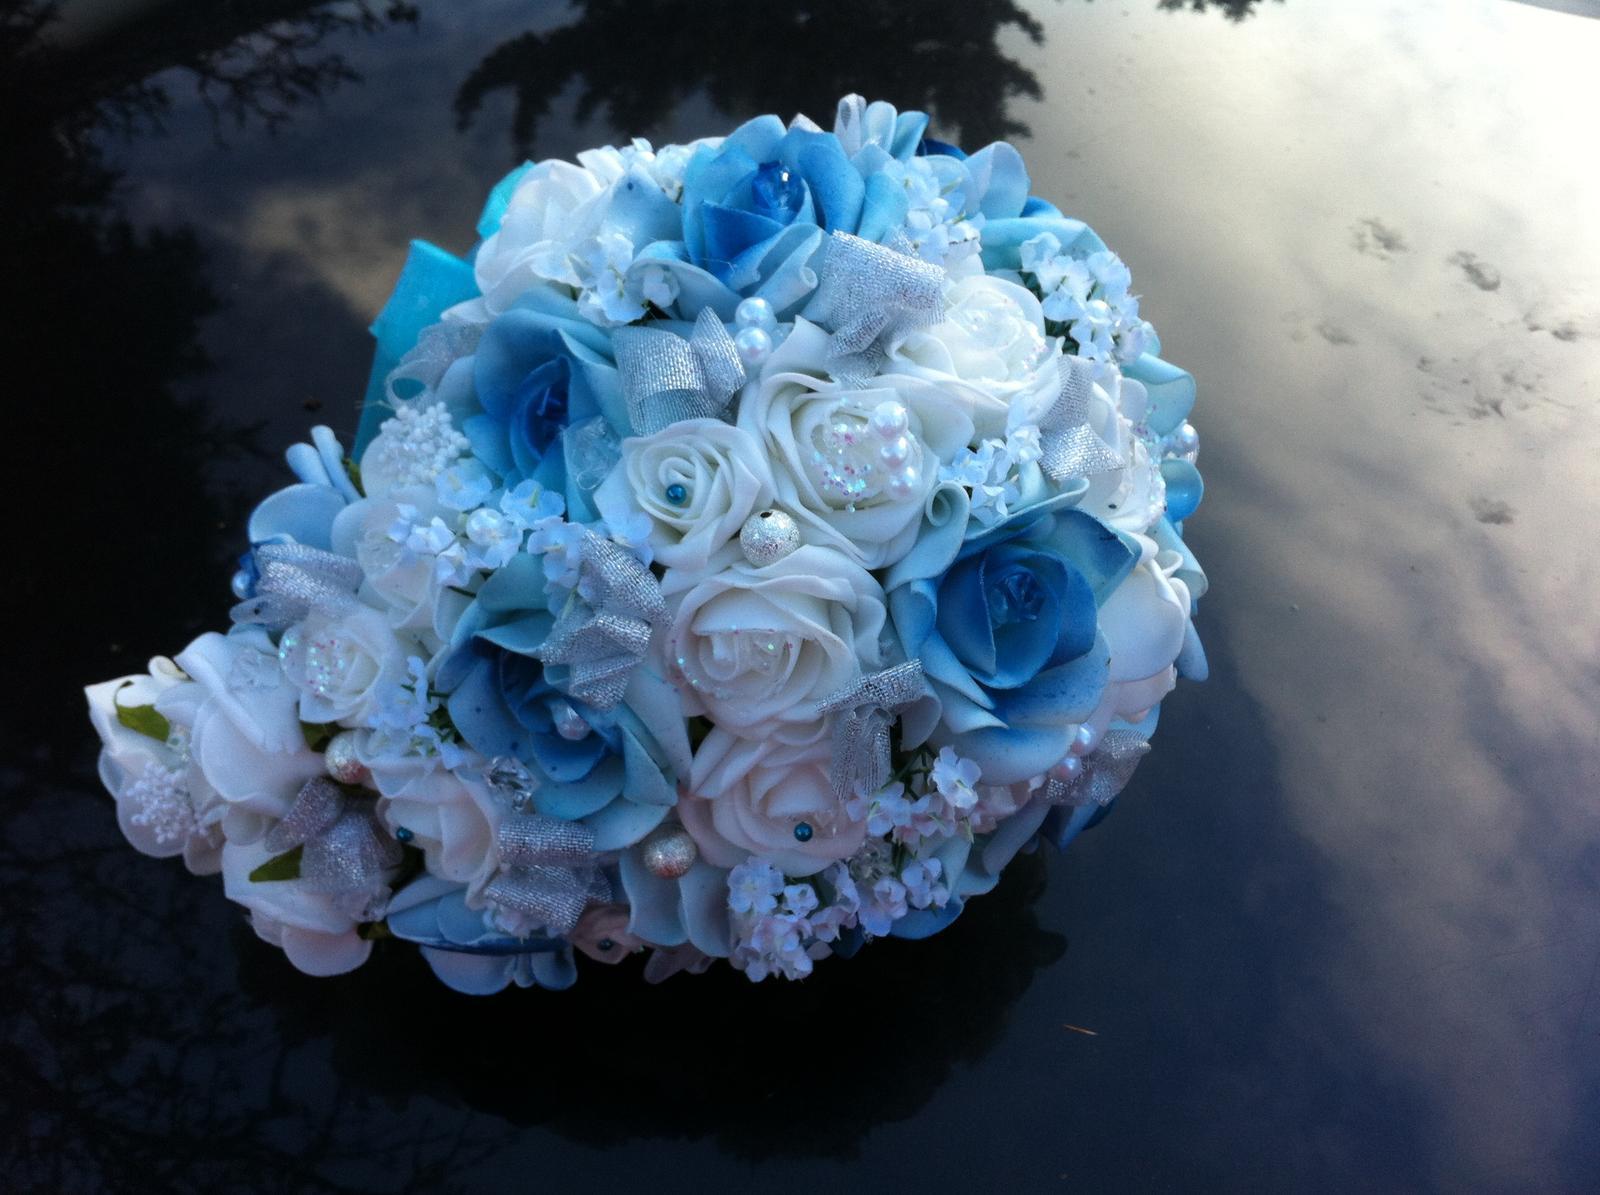 Netradiční svatební kytice - pěnové růžičky + polštářky pod prstýnky, košíčky - Obrázek č. 53